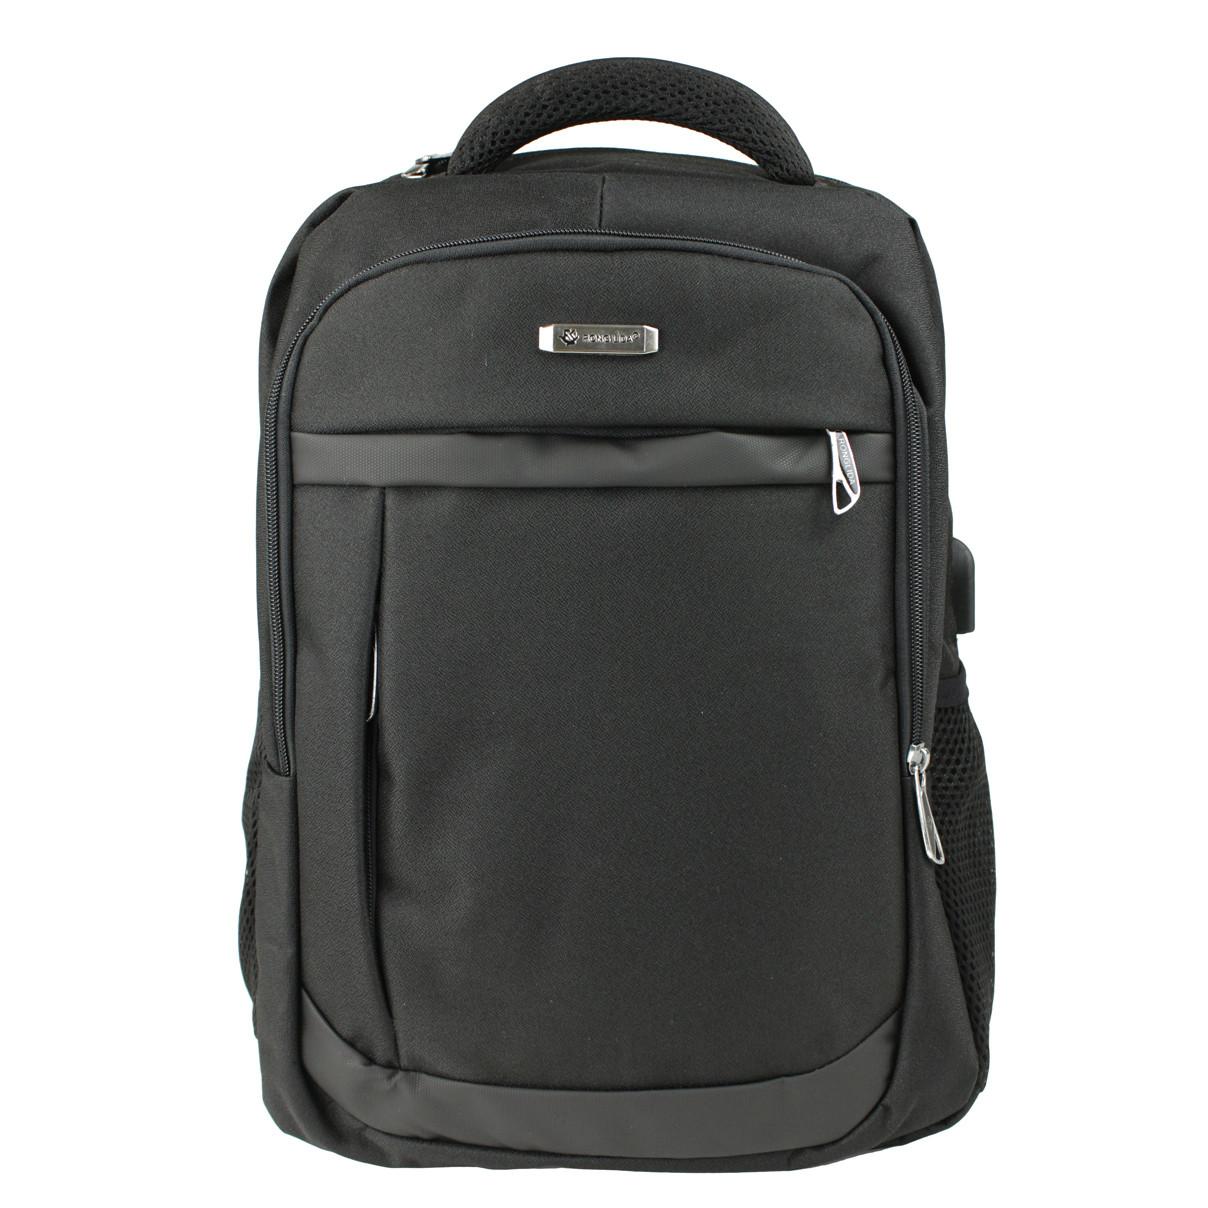 Рюкзак городской деловой повседневный тканевый Medium с отделением под ноутбук черный